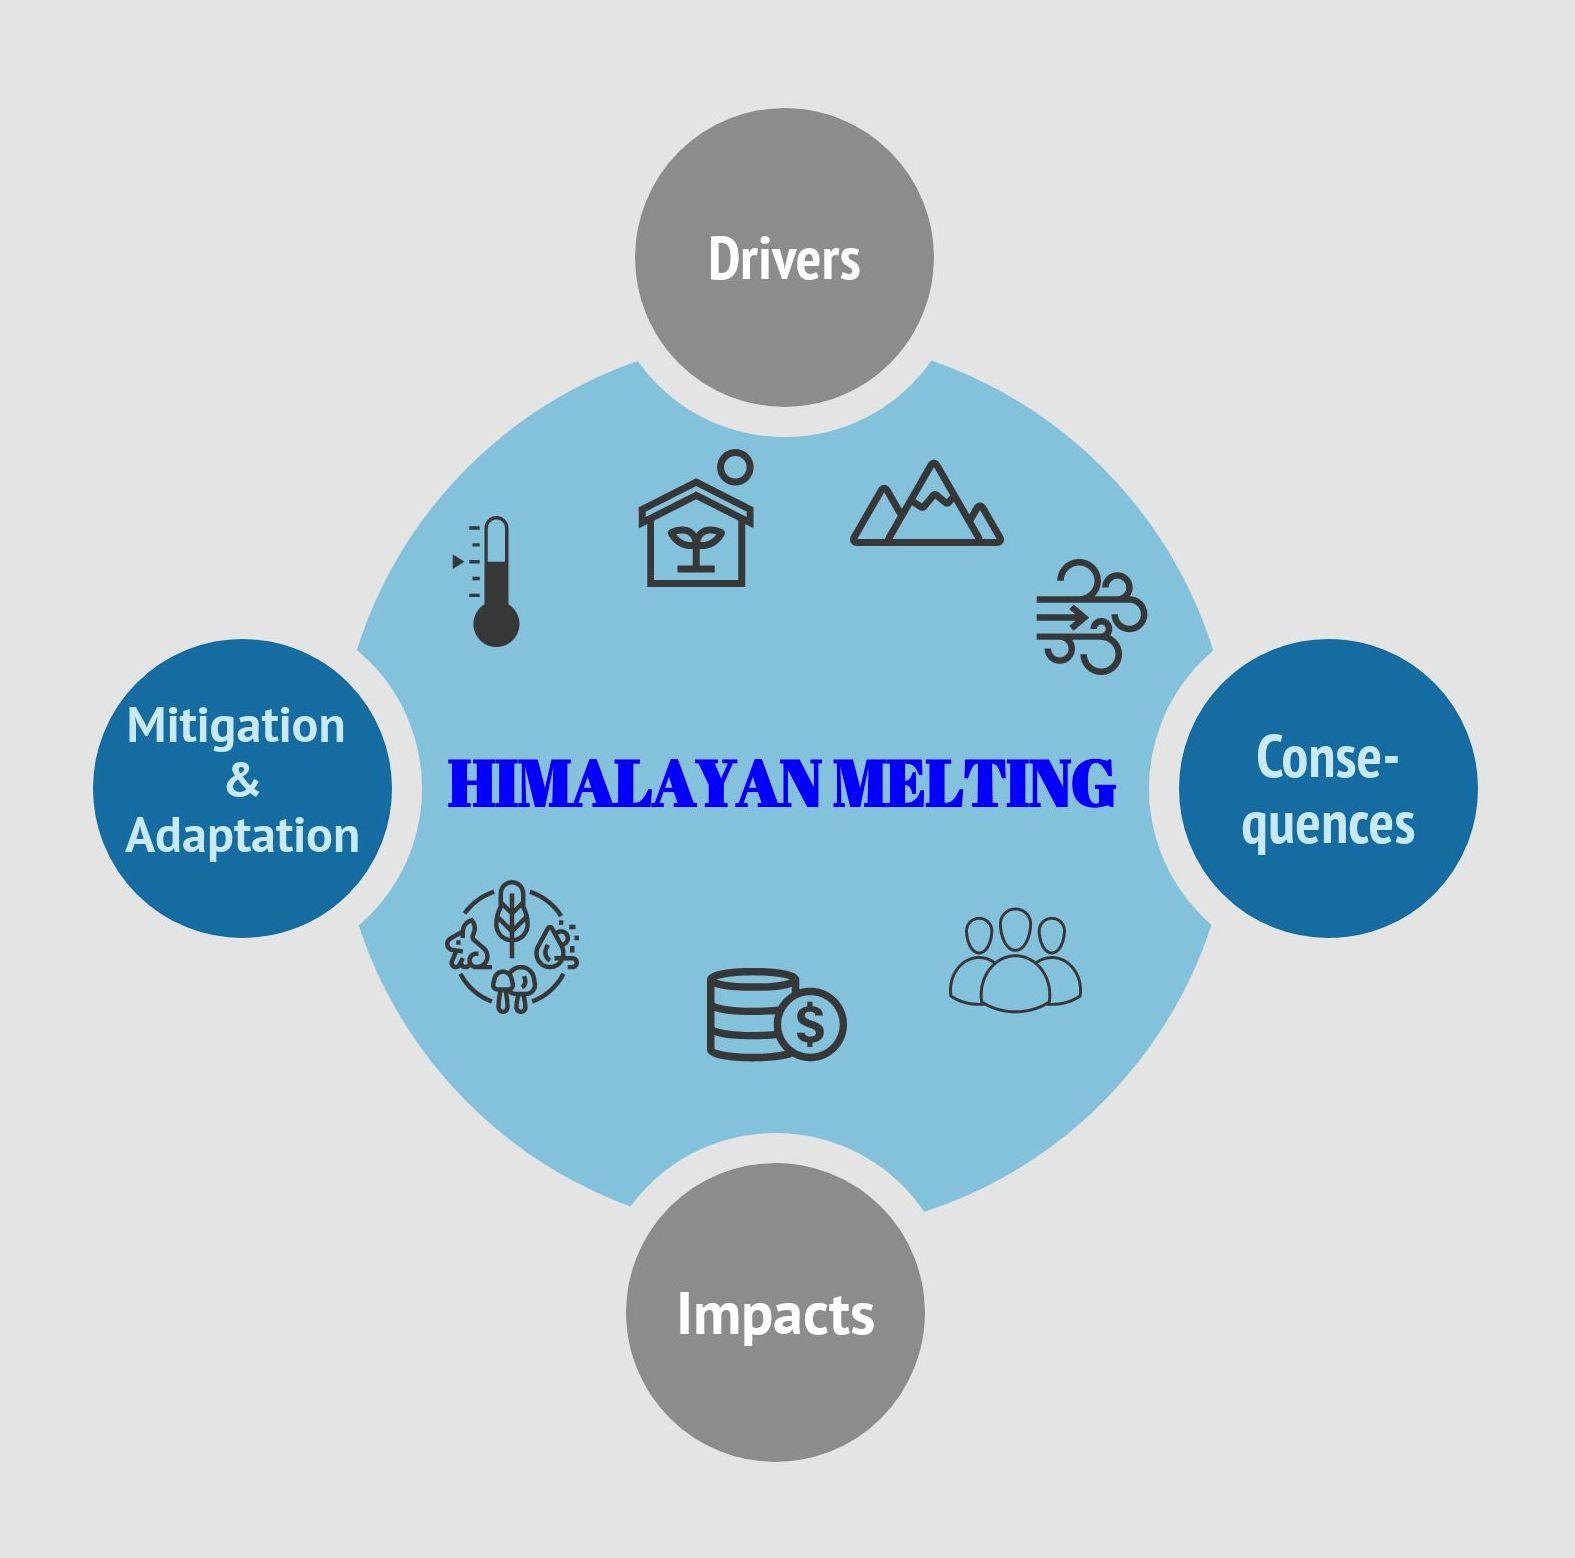 Himalayan Melting